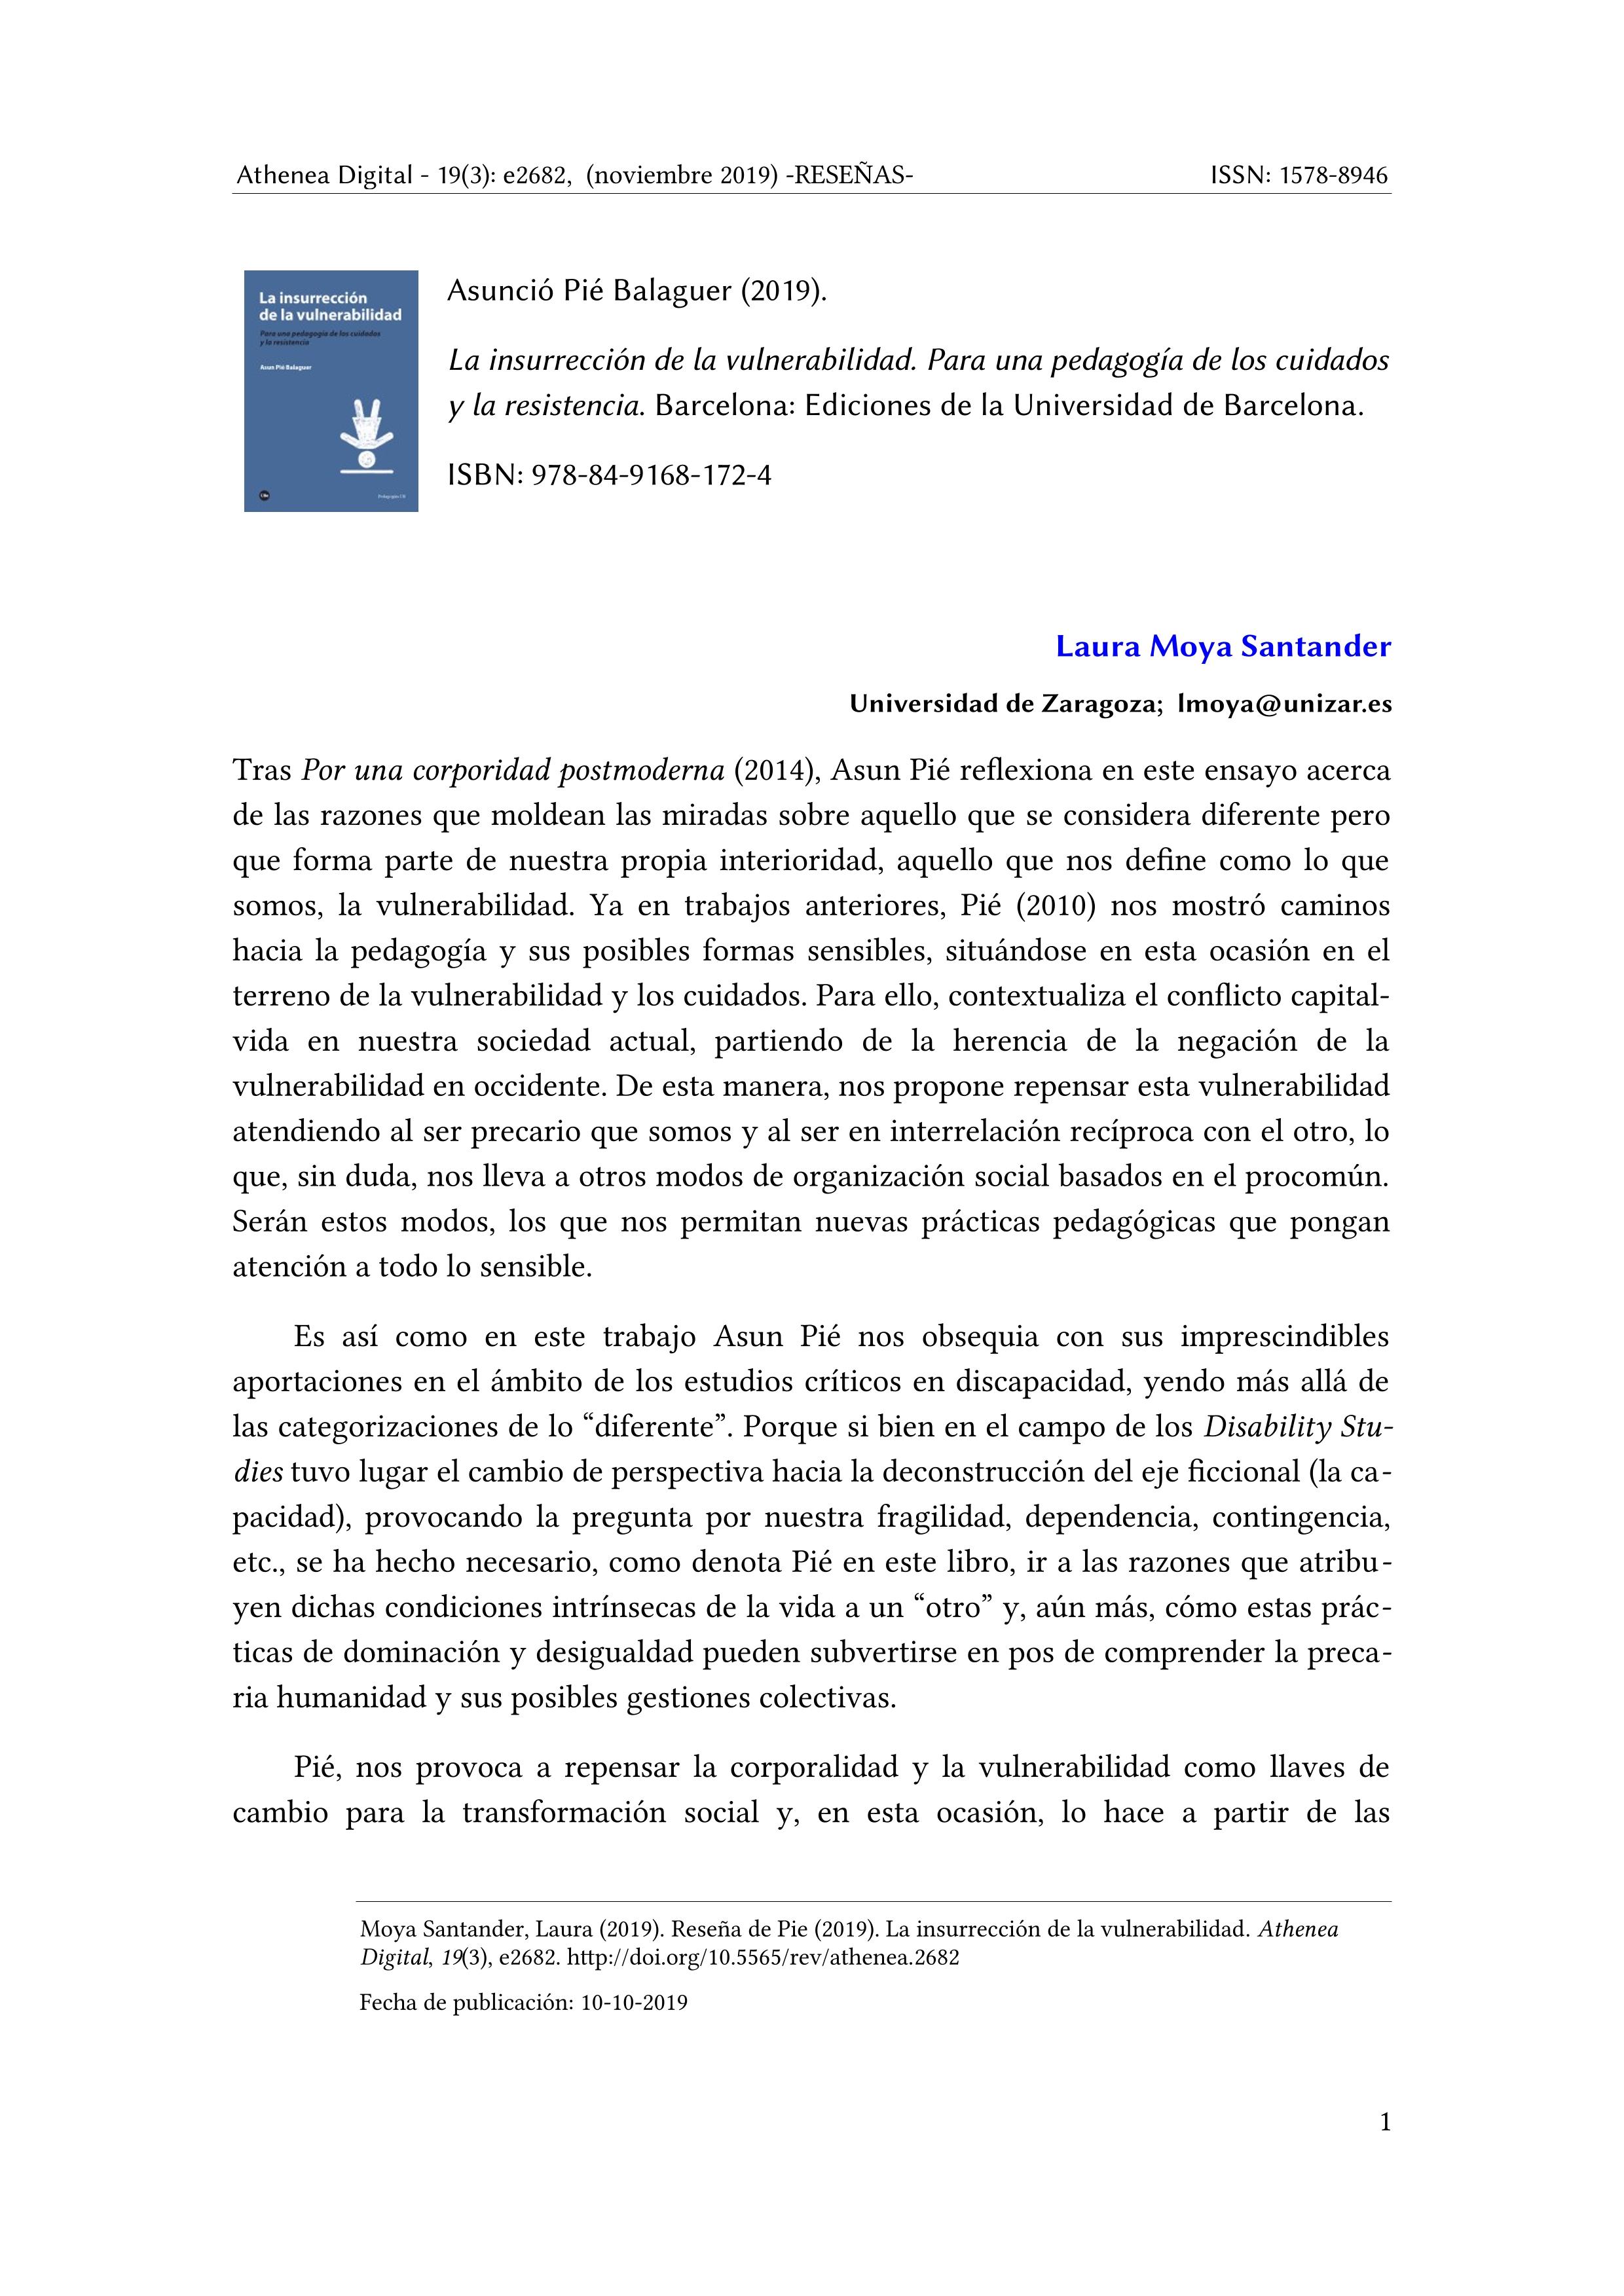 Reseña de Pié (2019). La insurrección de la vulnerabilidad. Para una pedagogía de los cuidados y la resistencia. Barcelona: Ediciones de la universidad de Barcelona.